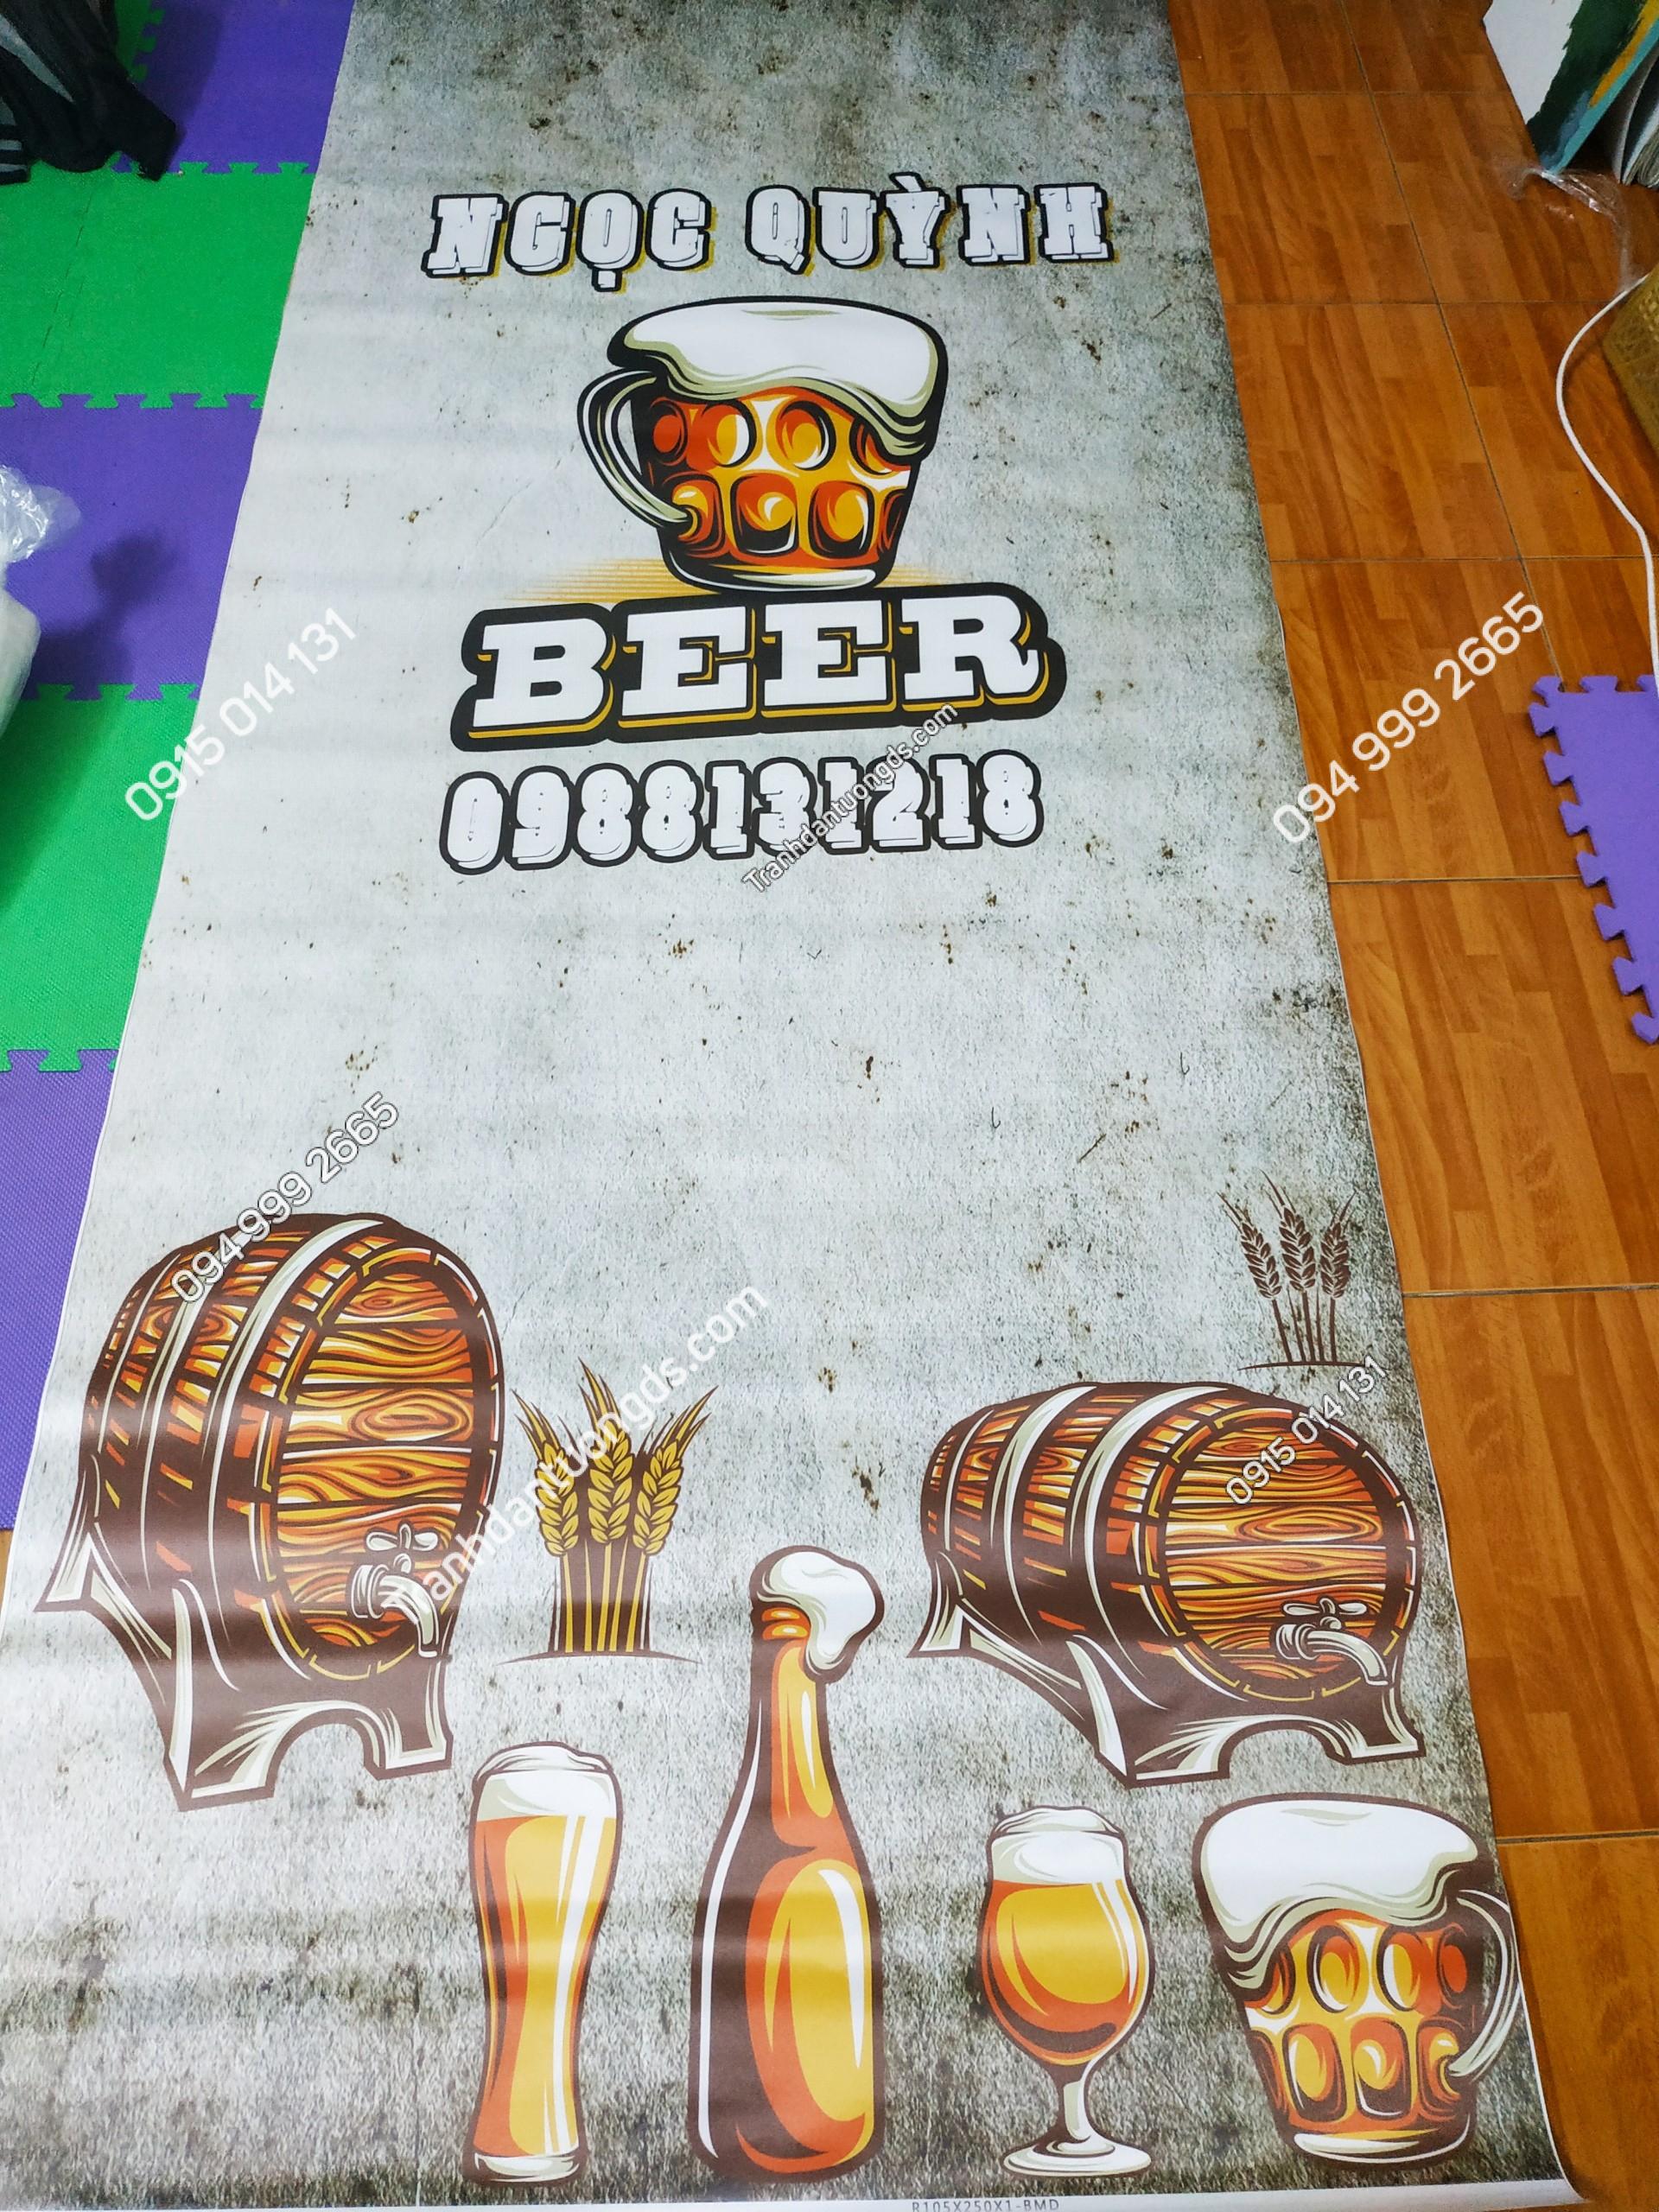 Tranh bia ngọc quỳnh